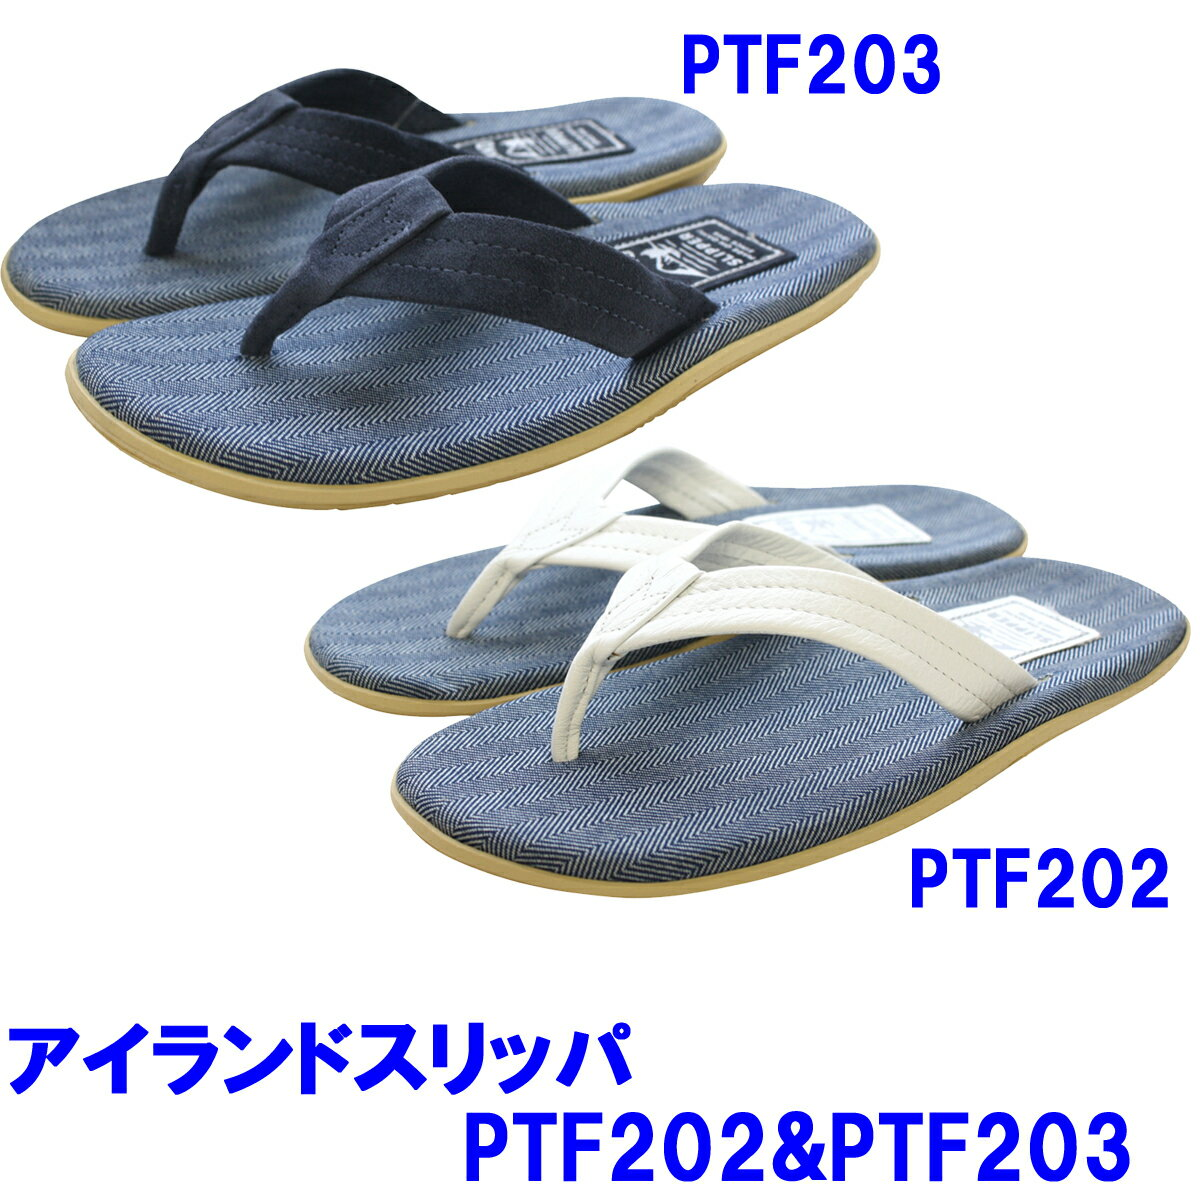 サンダル, ビーチサンダル ISLAND SLIPPER PTF202 PTF203 MADE IN HAWAII